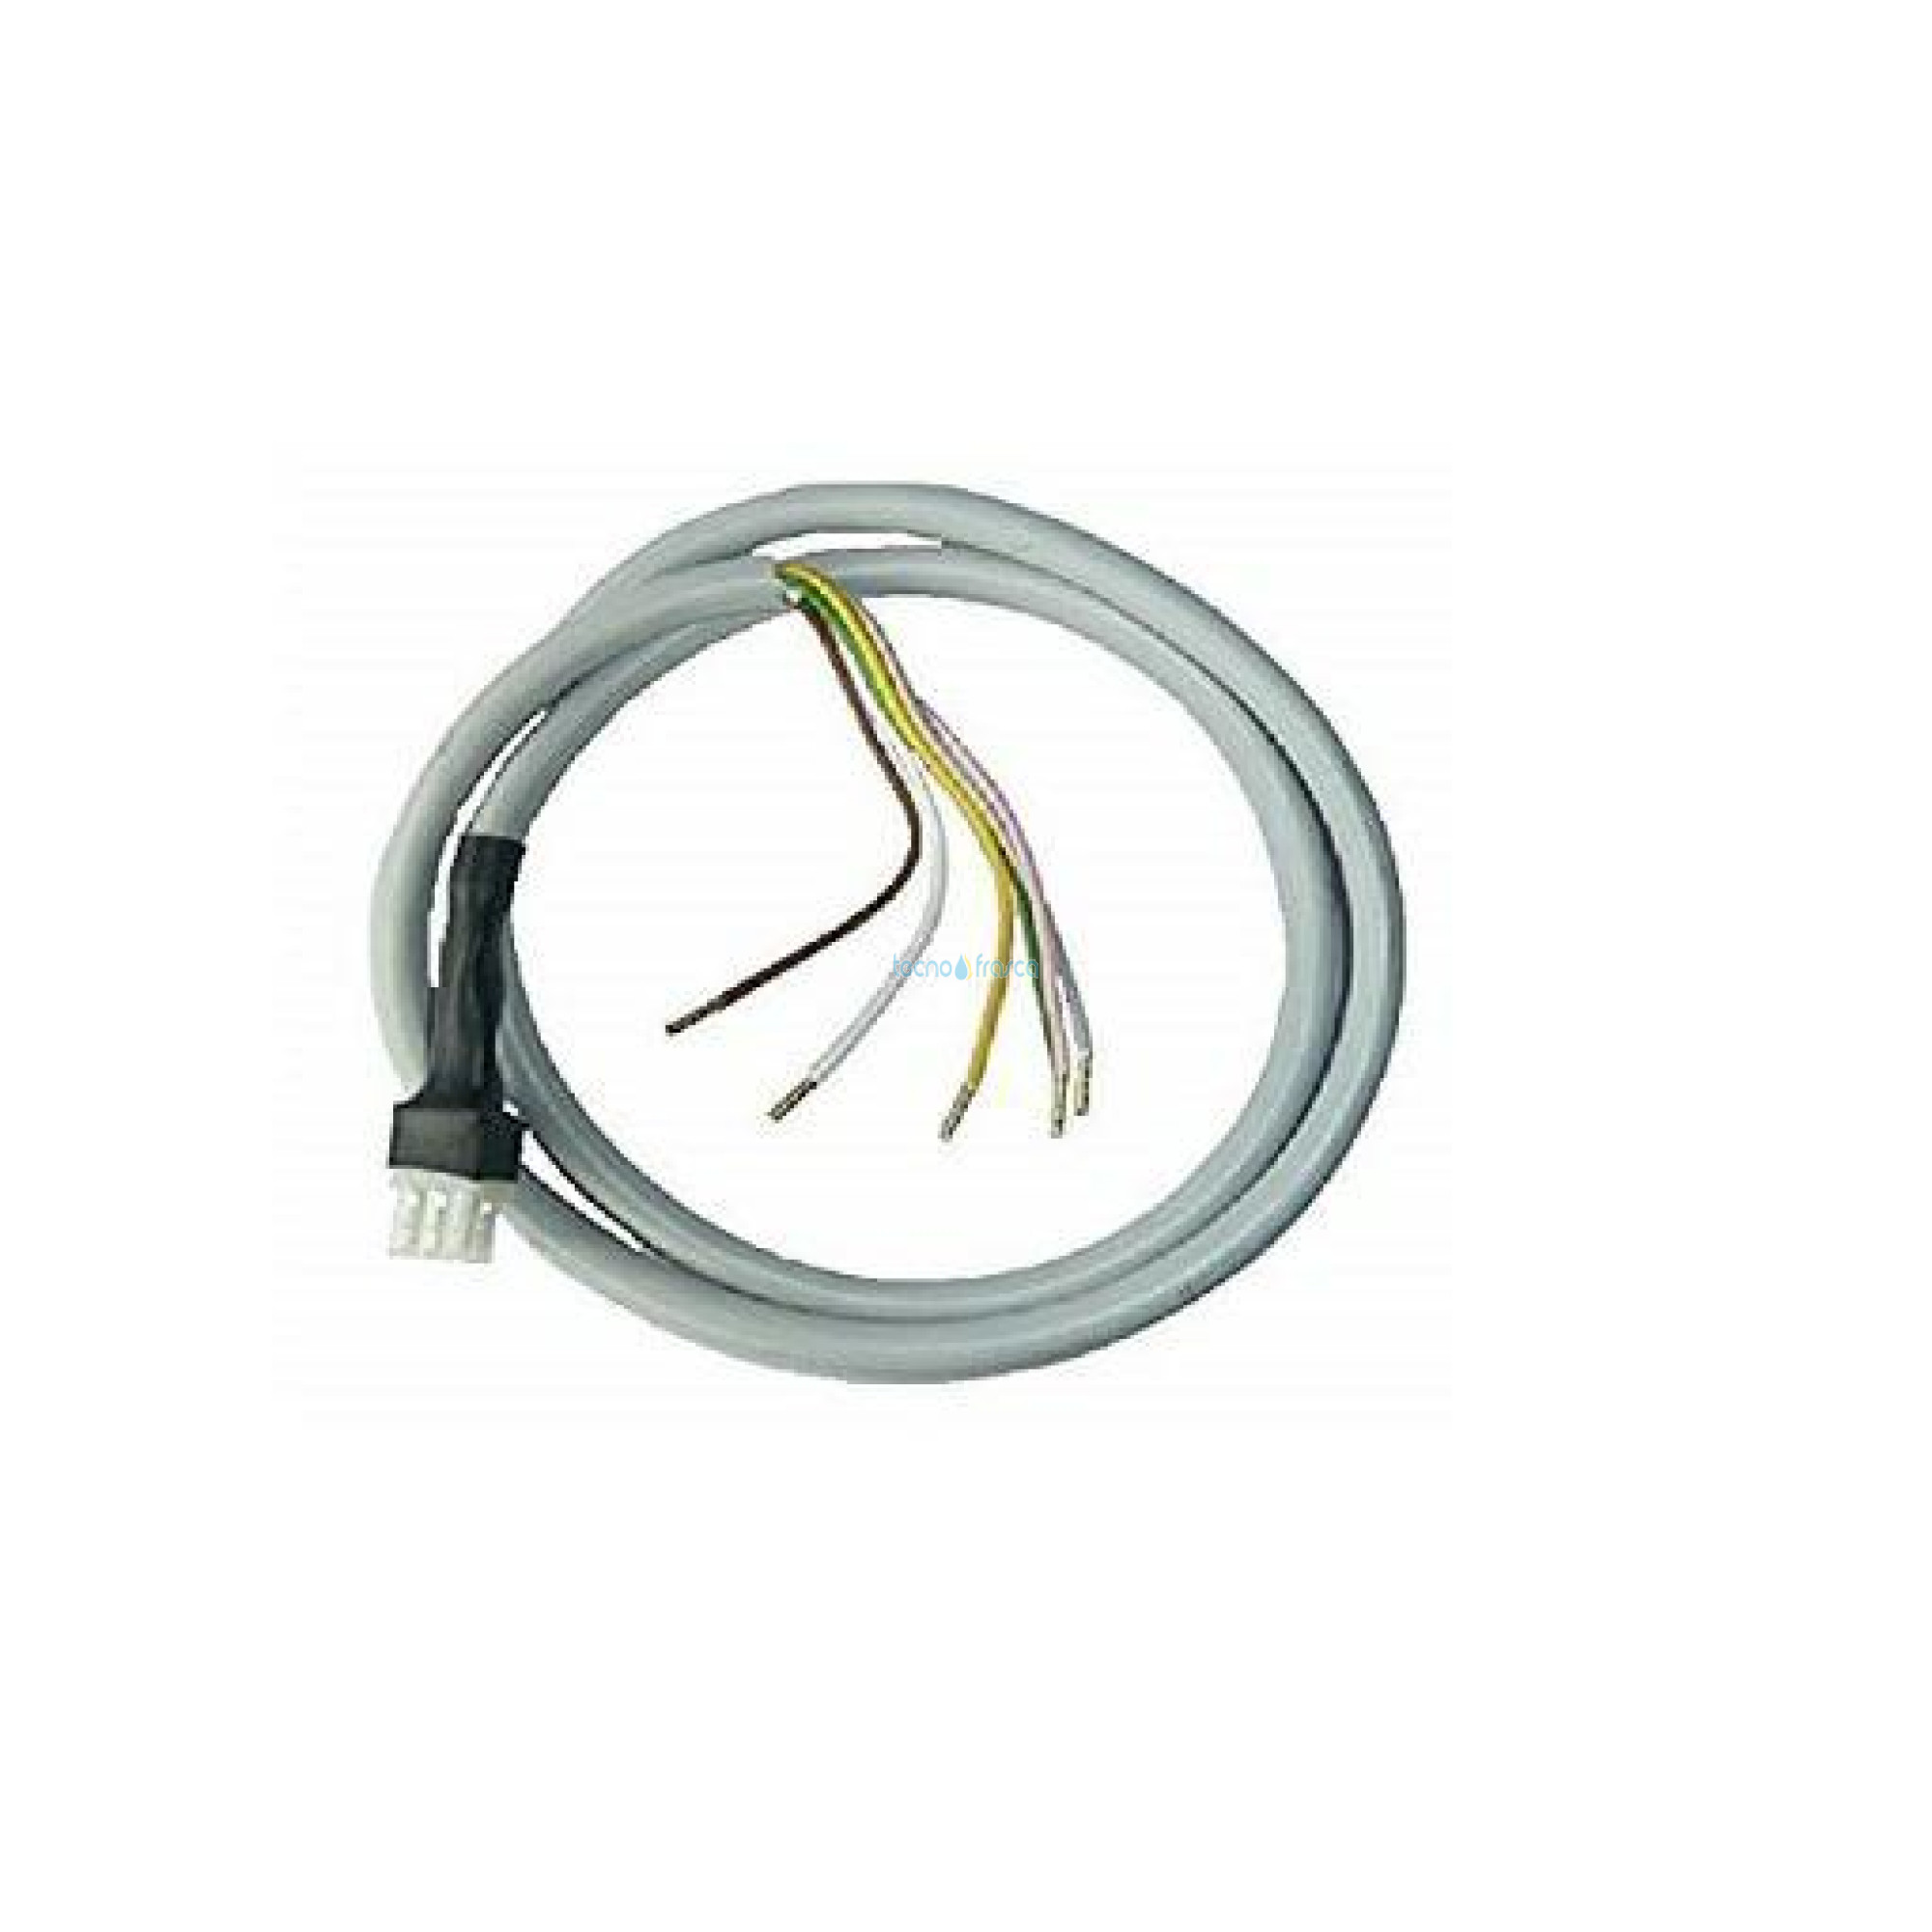 Mut kit cavo con connettore 6x0.75 per valvole vmr tmo 701300134